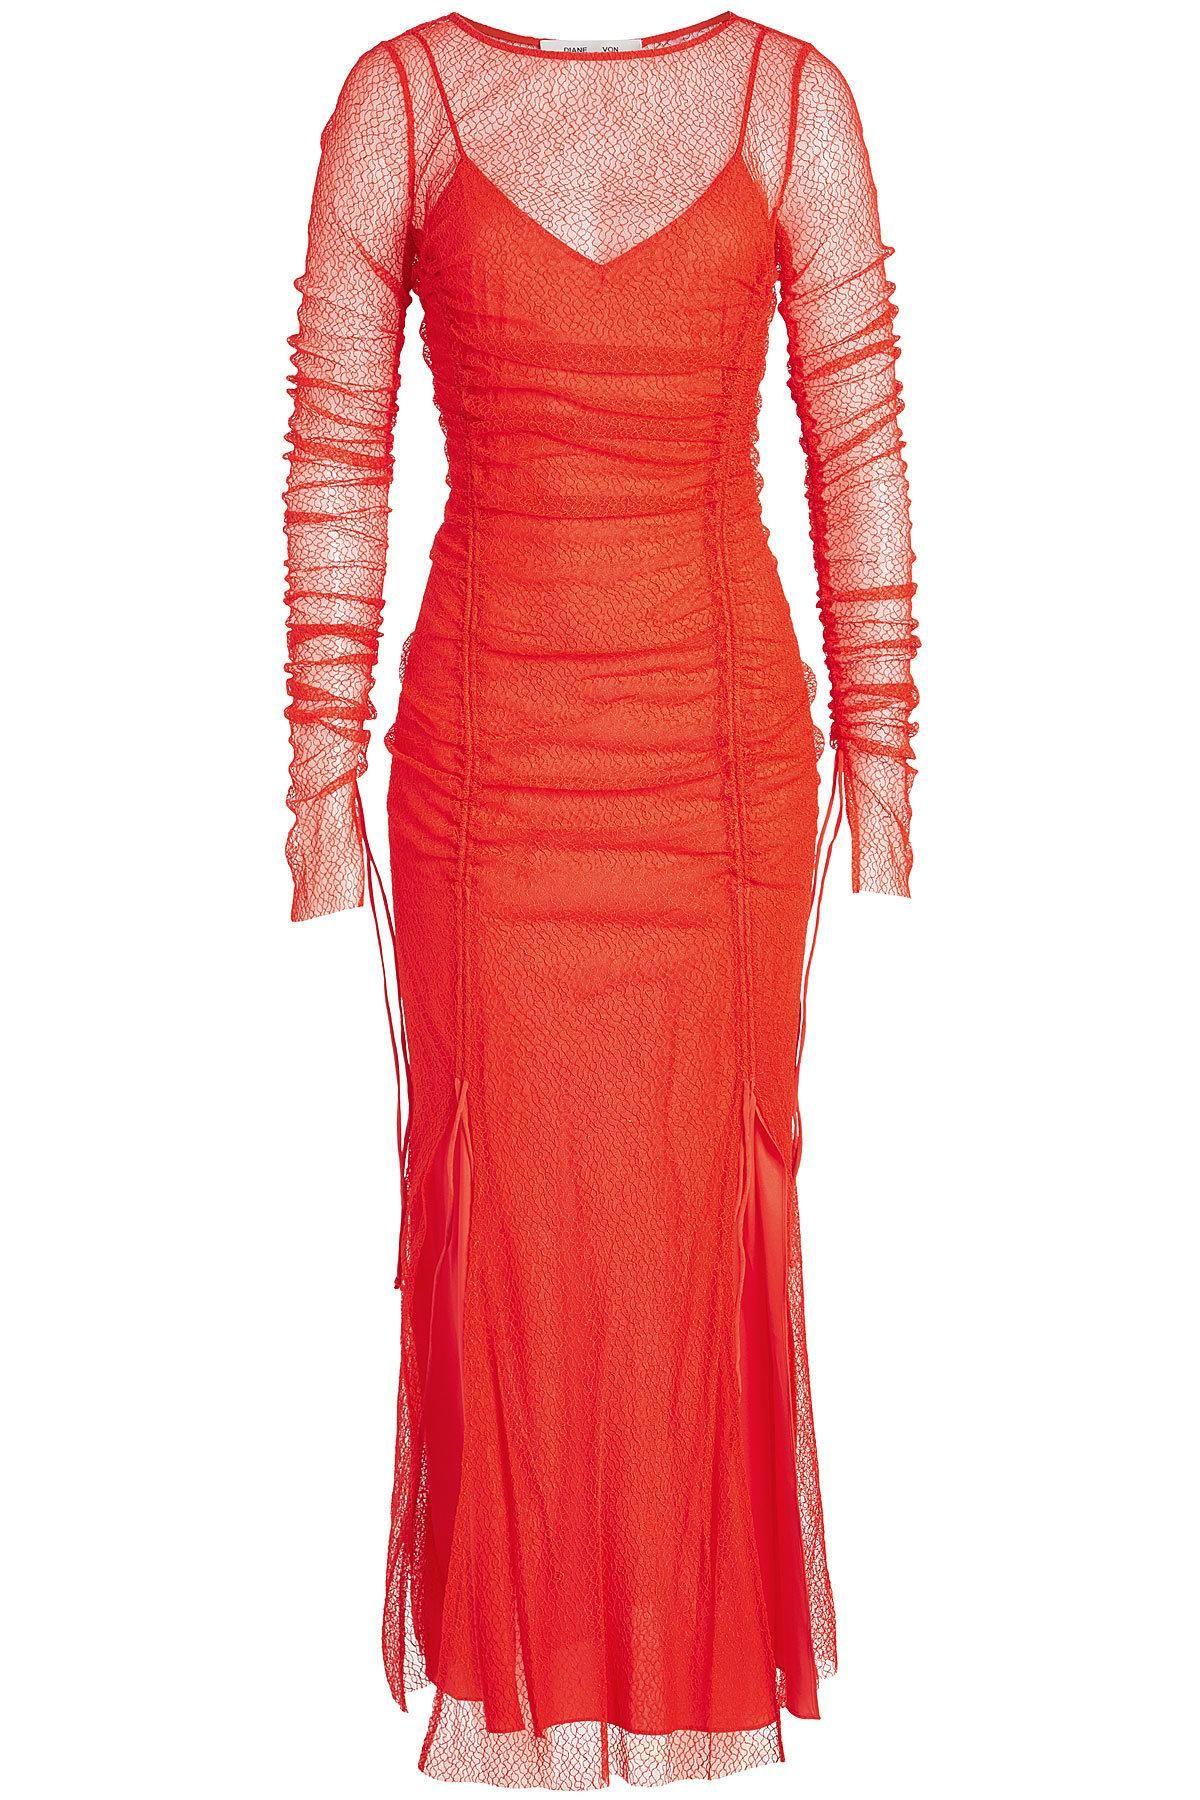 Diane von Furstenberg Cocktailkleid mit Spitzen-Overlay | Pinterest ...